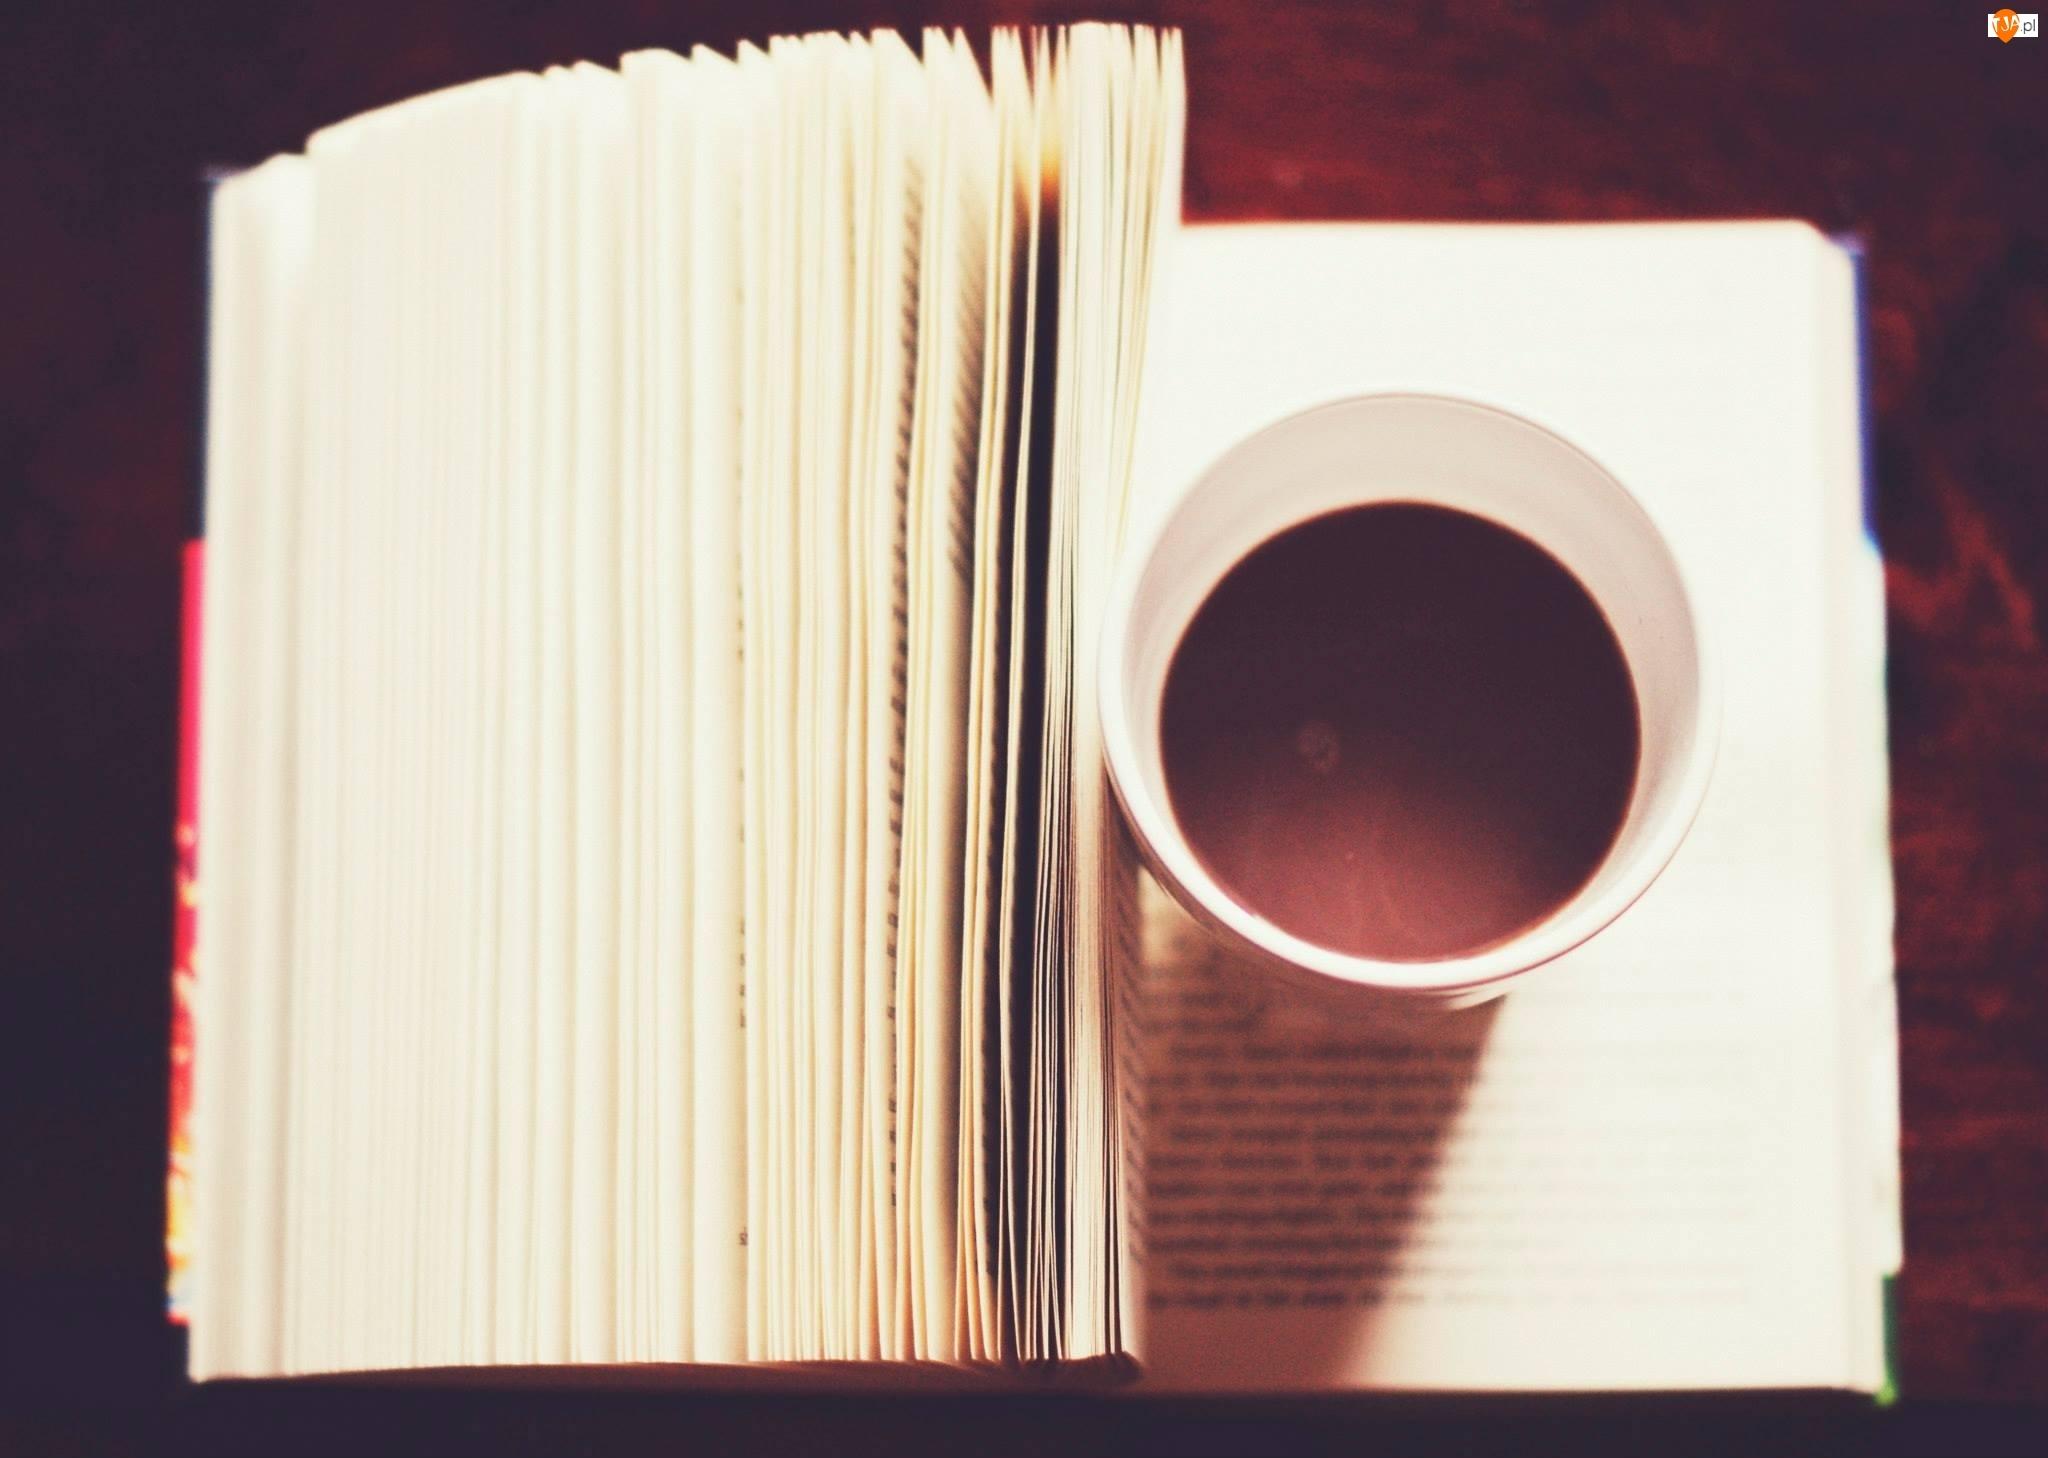 Książka, Kawa